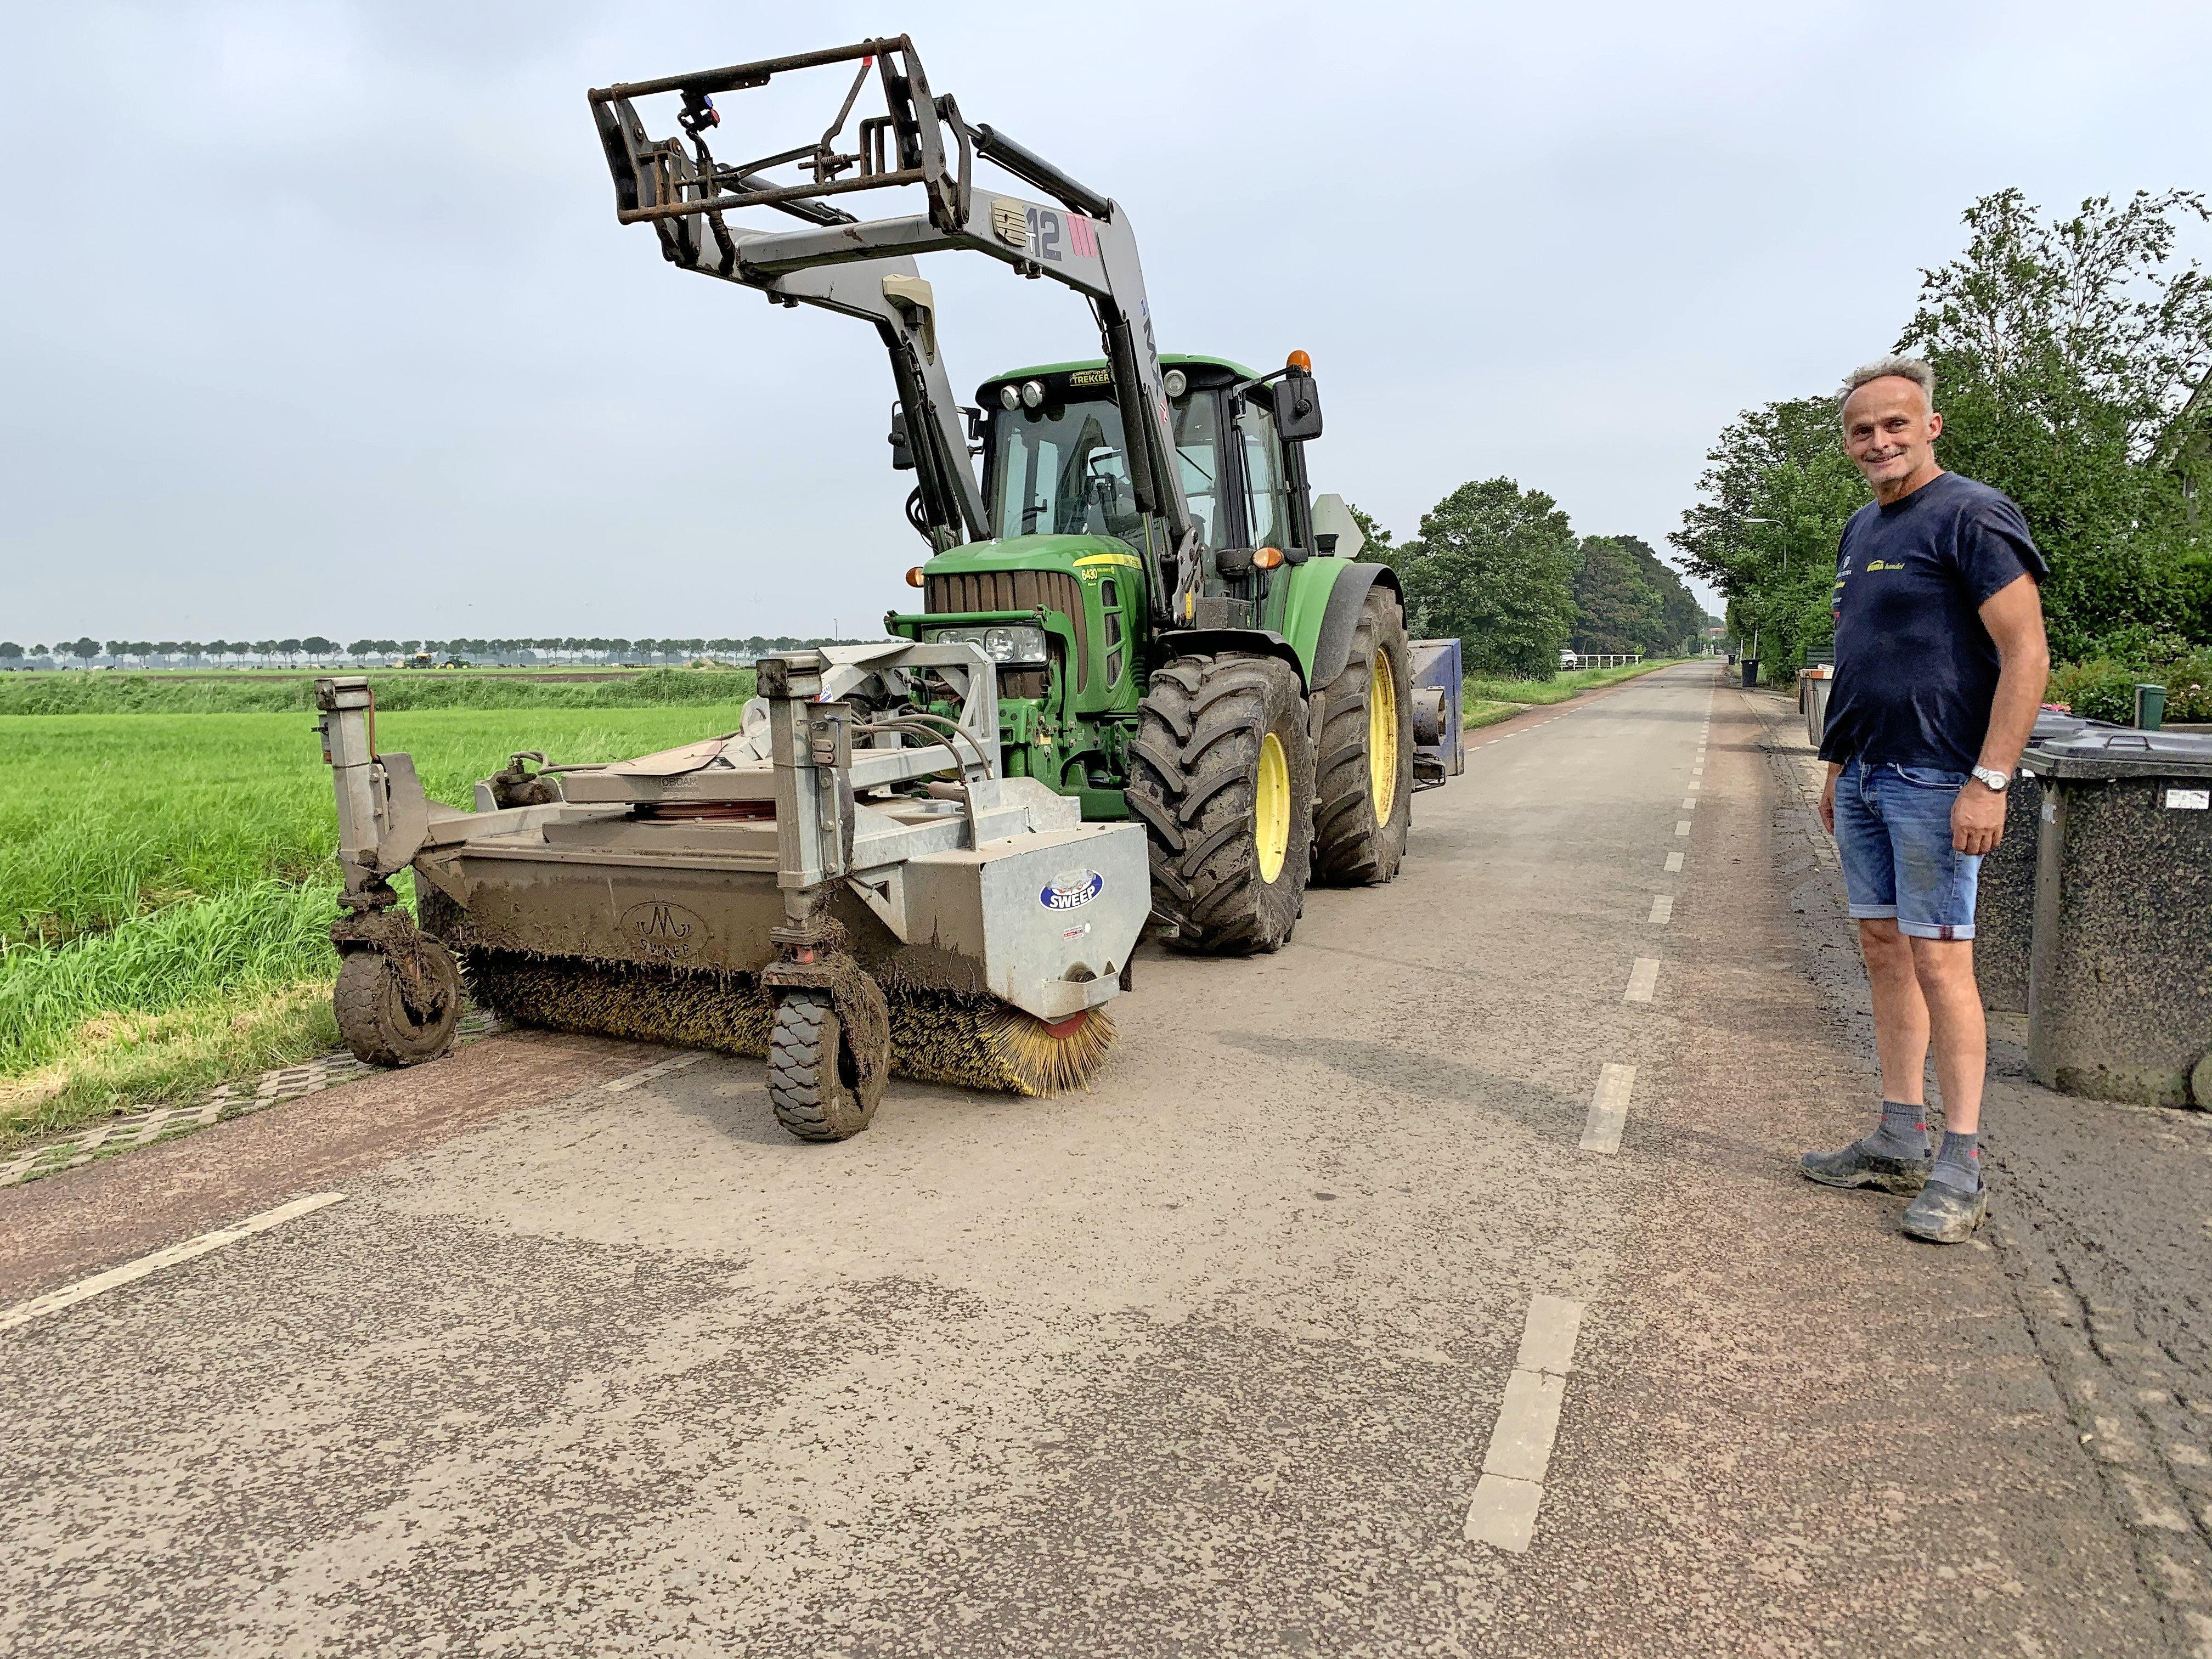 'Trekkers rijden als idioten voorbij'. Boeren, burgers en blubber verdragen zich moeilijk zodra auto in de sloot belandt [video]